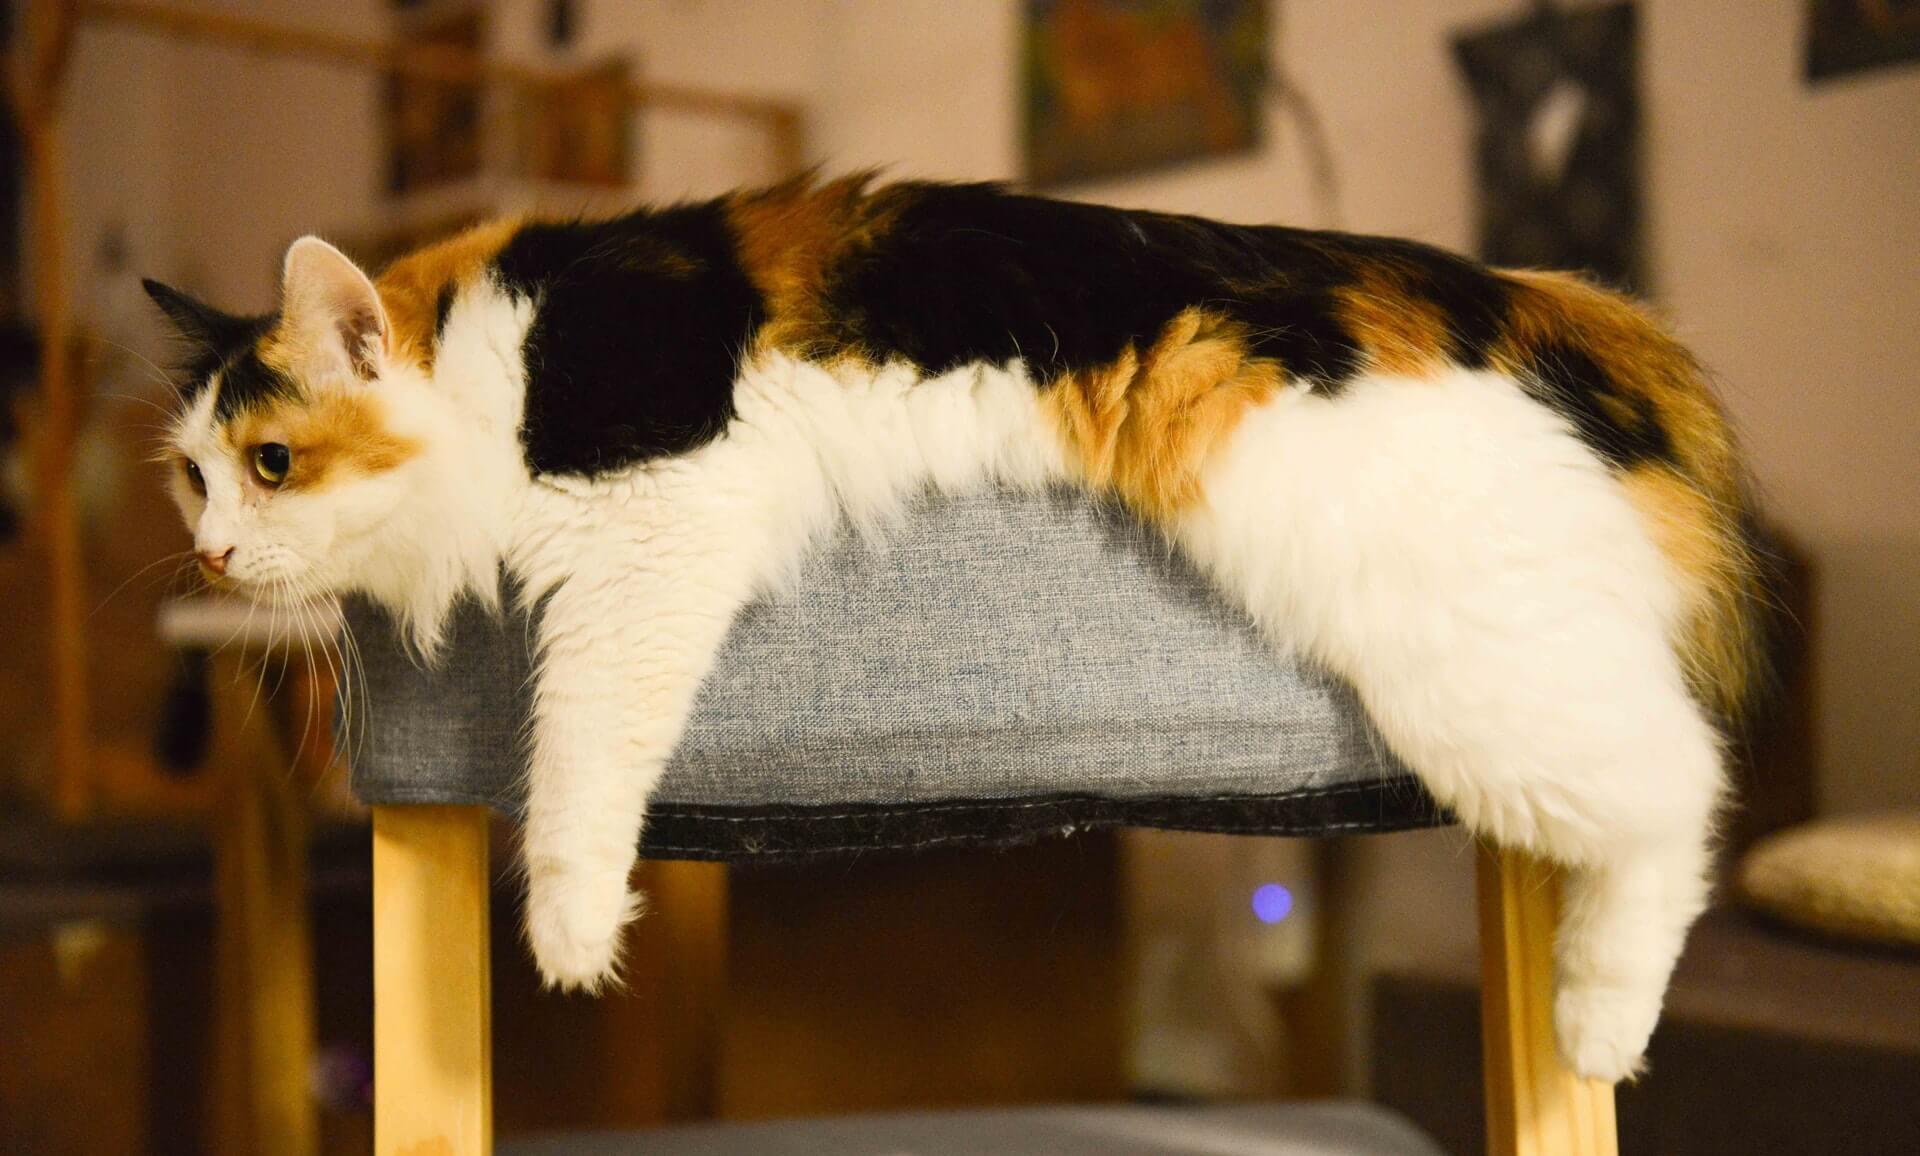 Dejar a un gato solo: Todo lo que debes saber